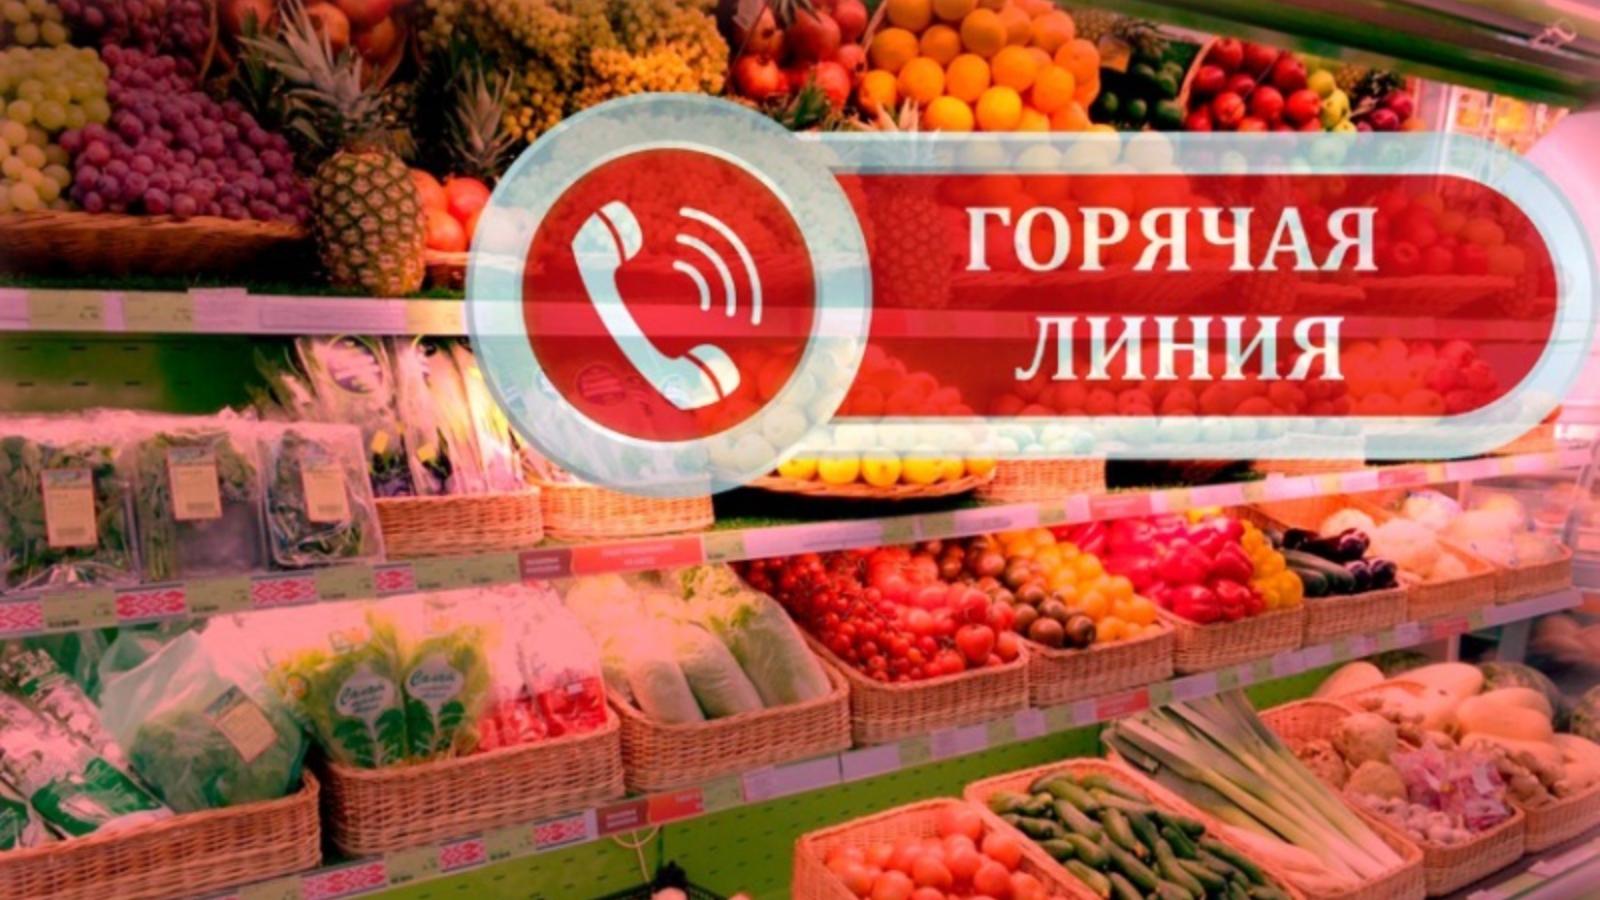 Граждане и хозяйствующие субъекты могут сообщать информацию о фактах завышения розничных цен на продукты питания